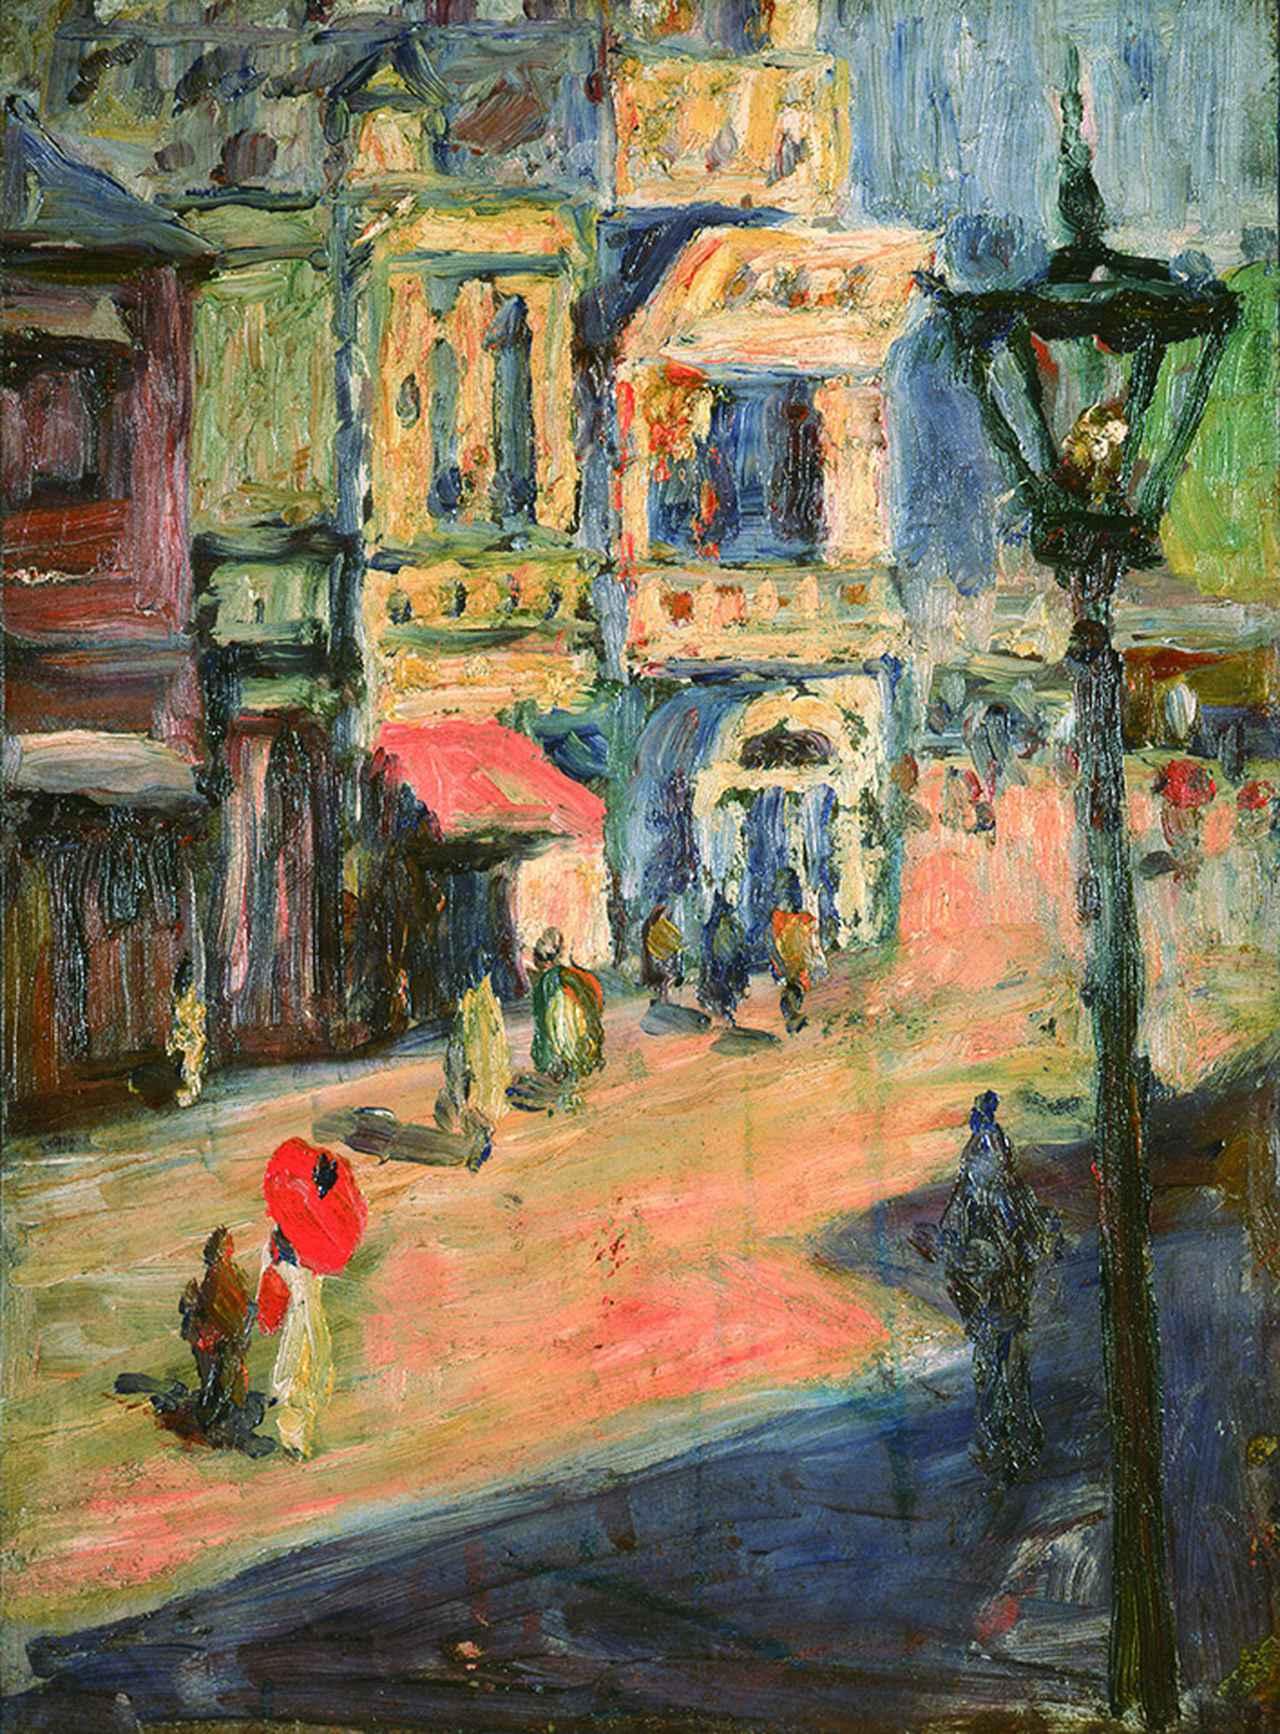 画像: 《銀座と数寄屋橋畔》 1910-11 年頃 油彩/板 31.0×23.2cm 郡山市立美術館